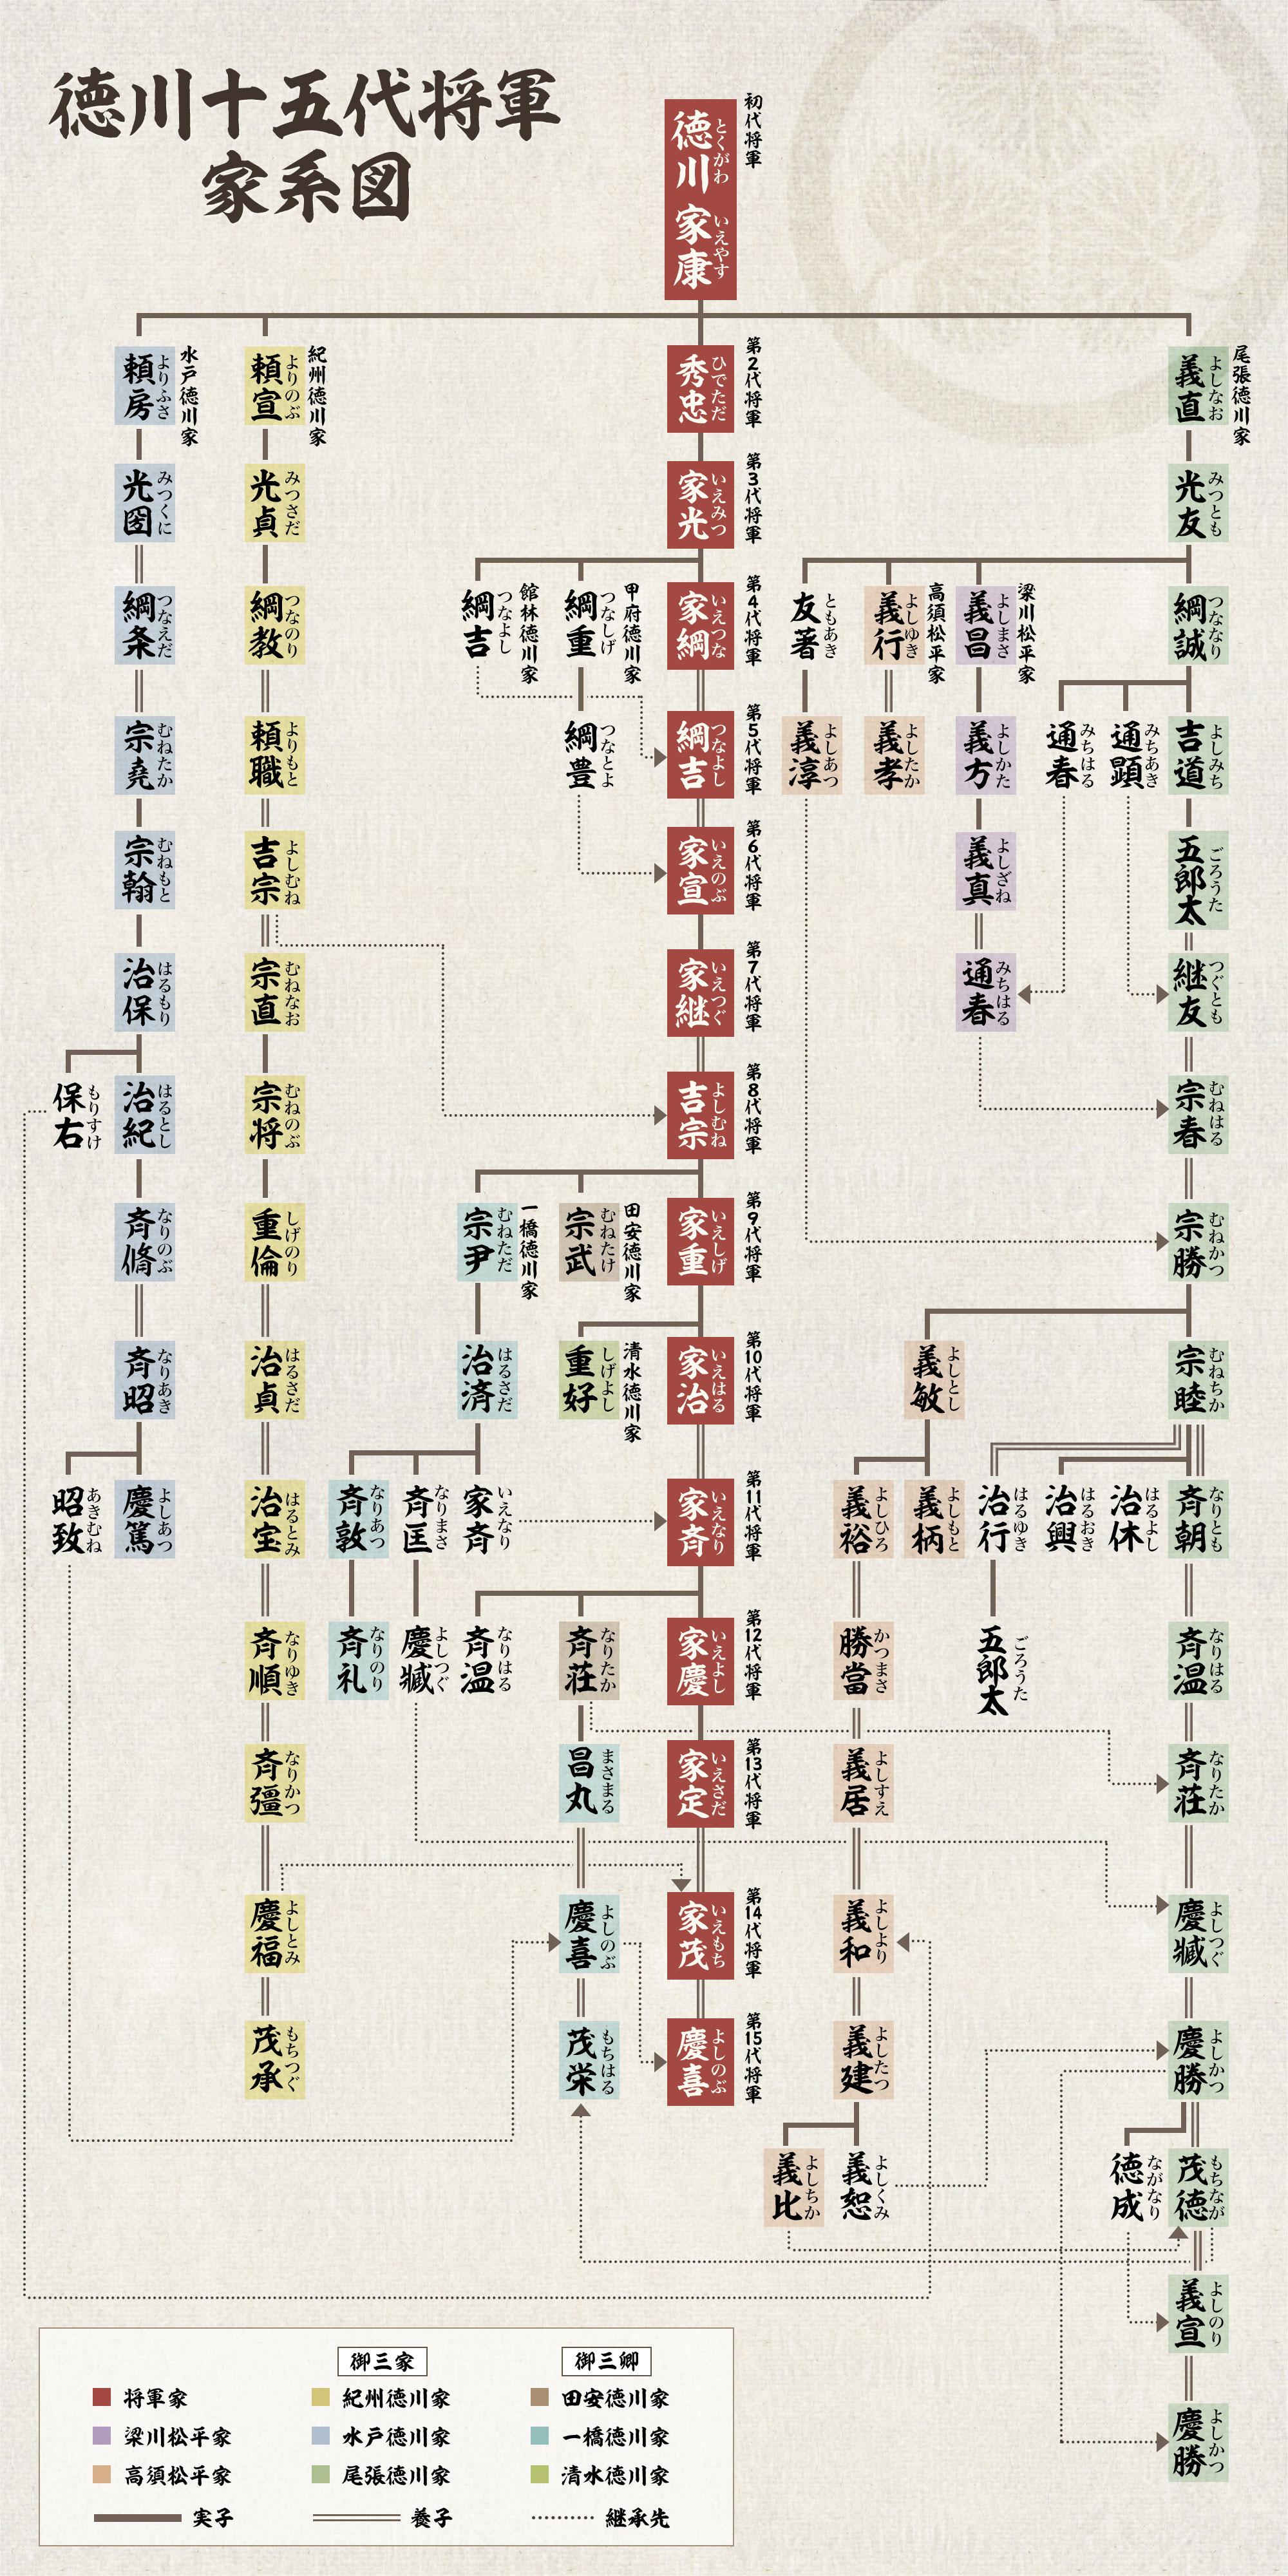 徳川十五代将軍家系図